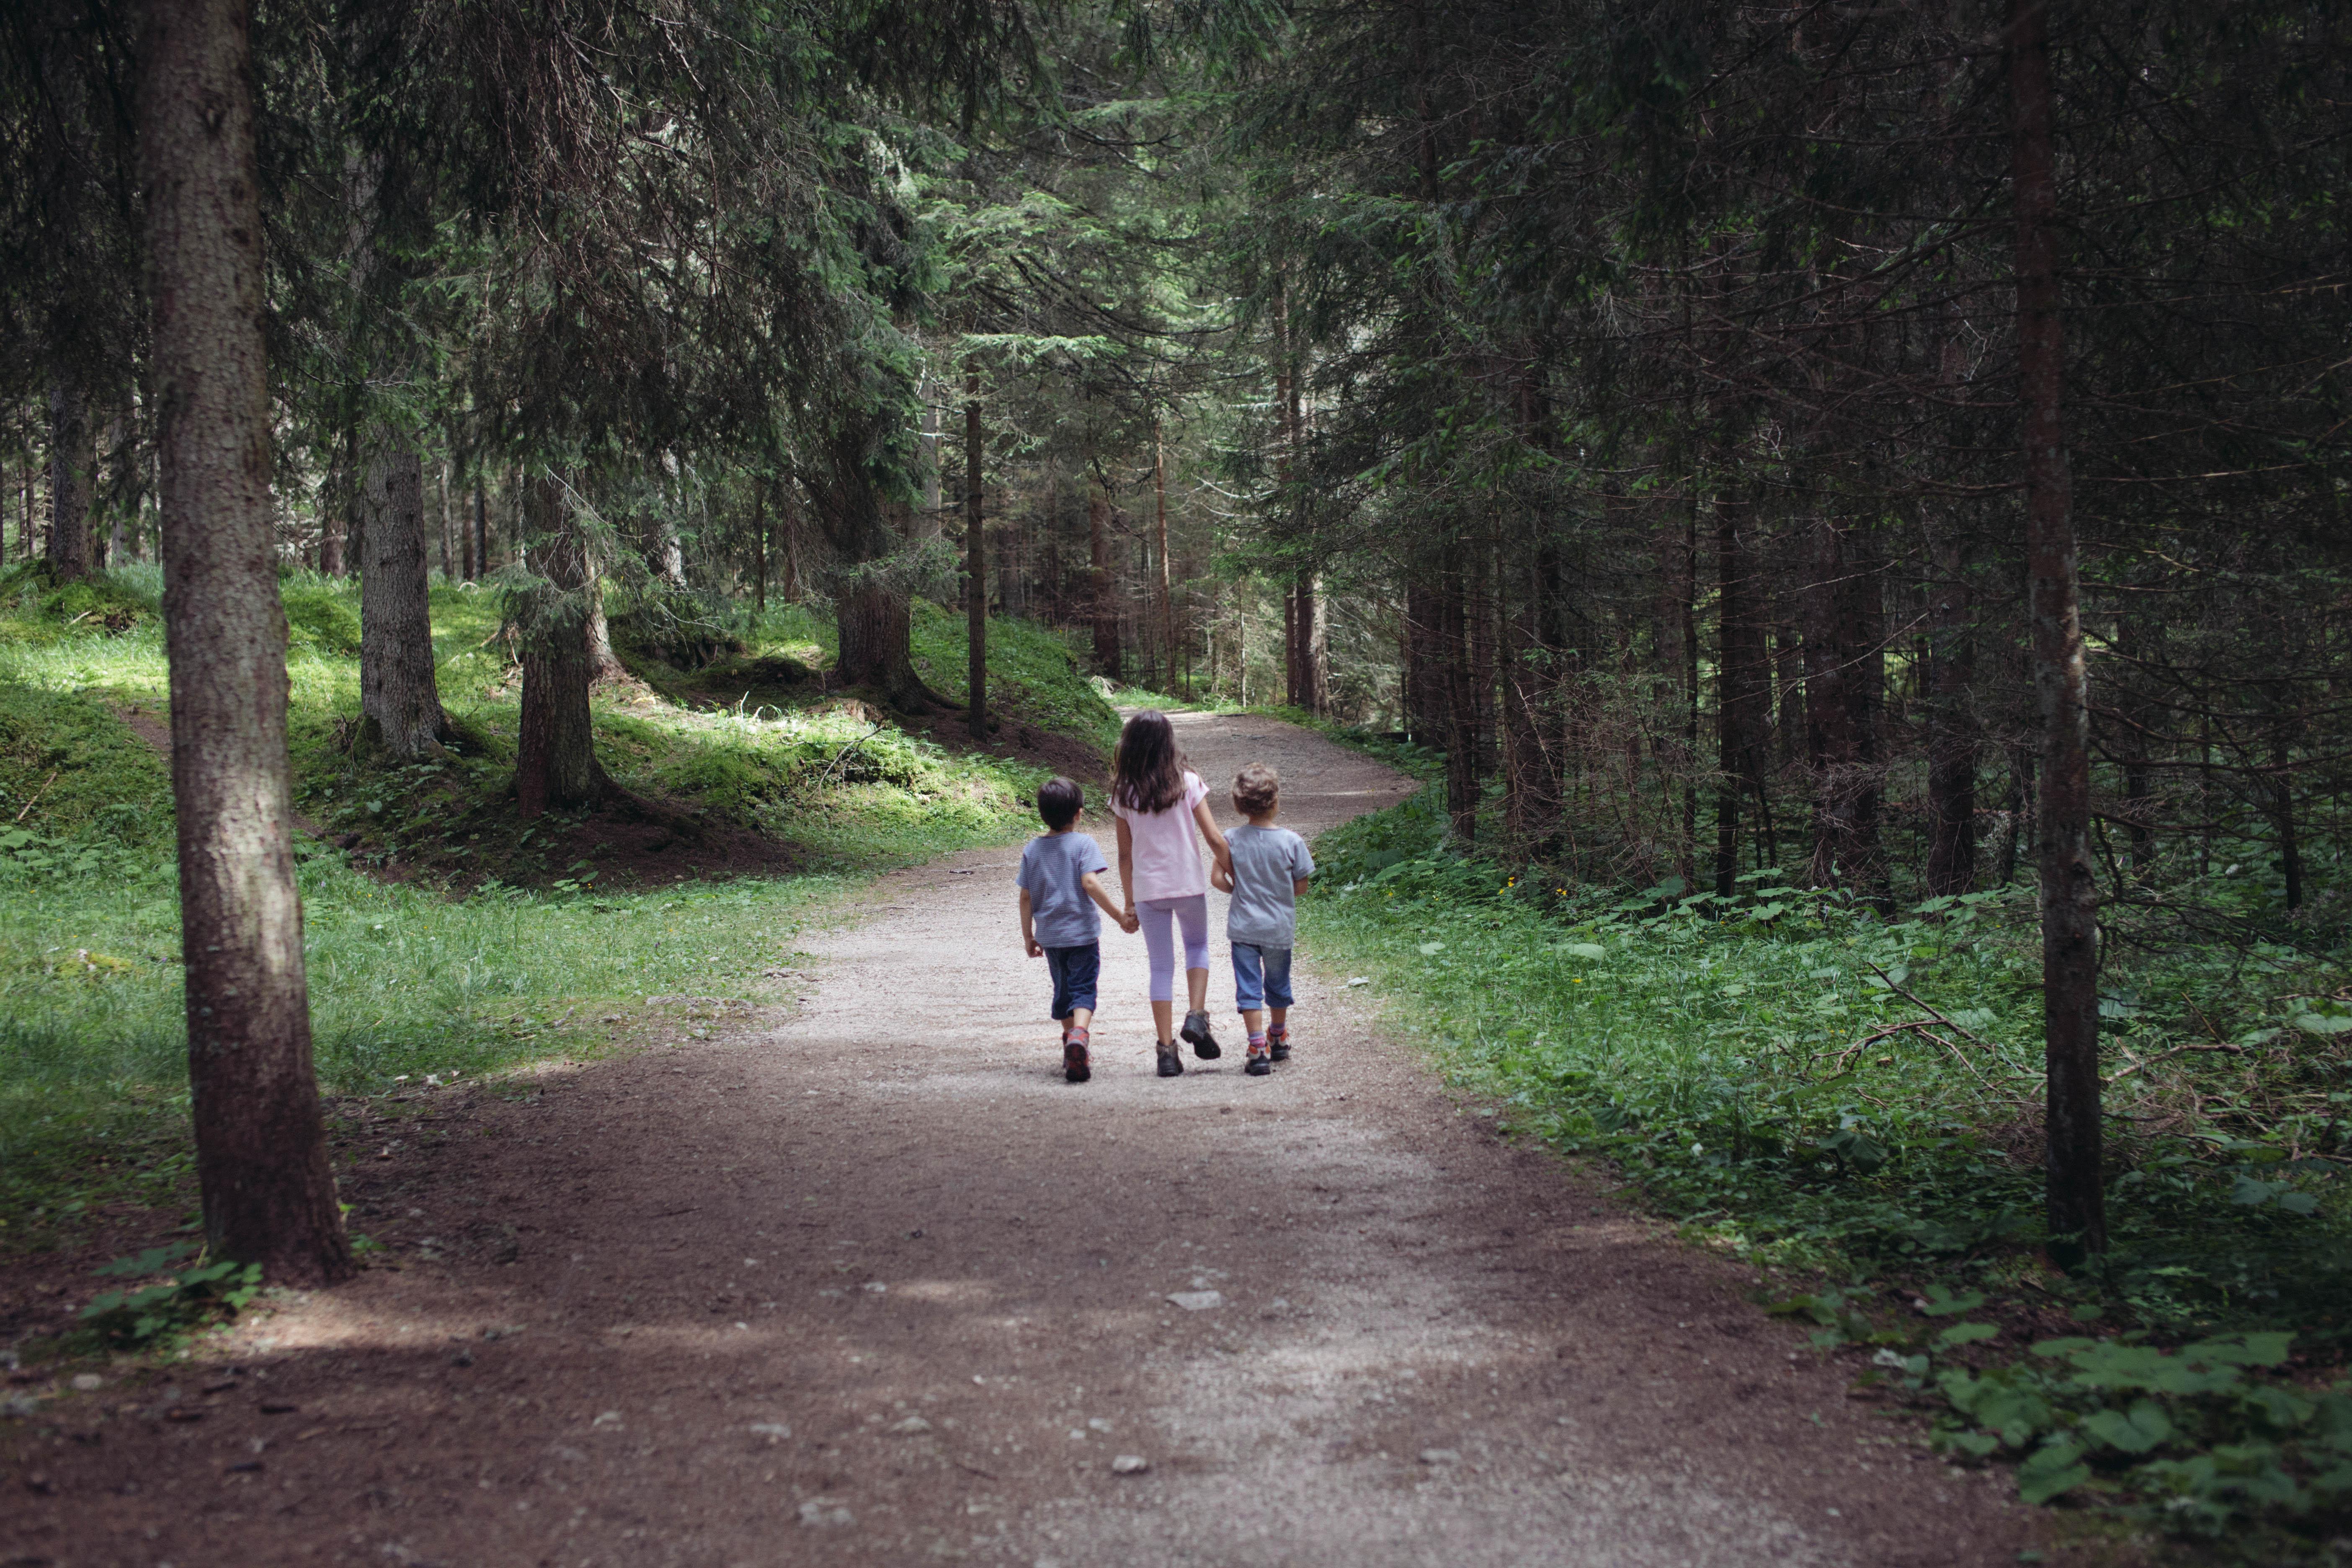 A spasso con gli amici nel bosco. Pineta family holiday